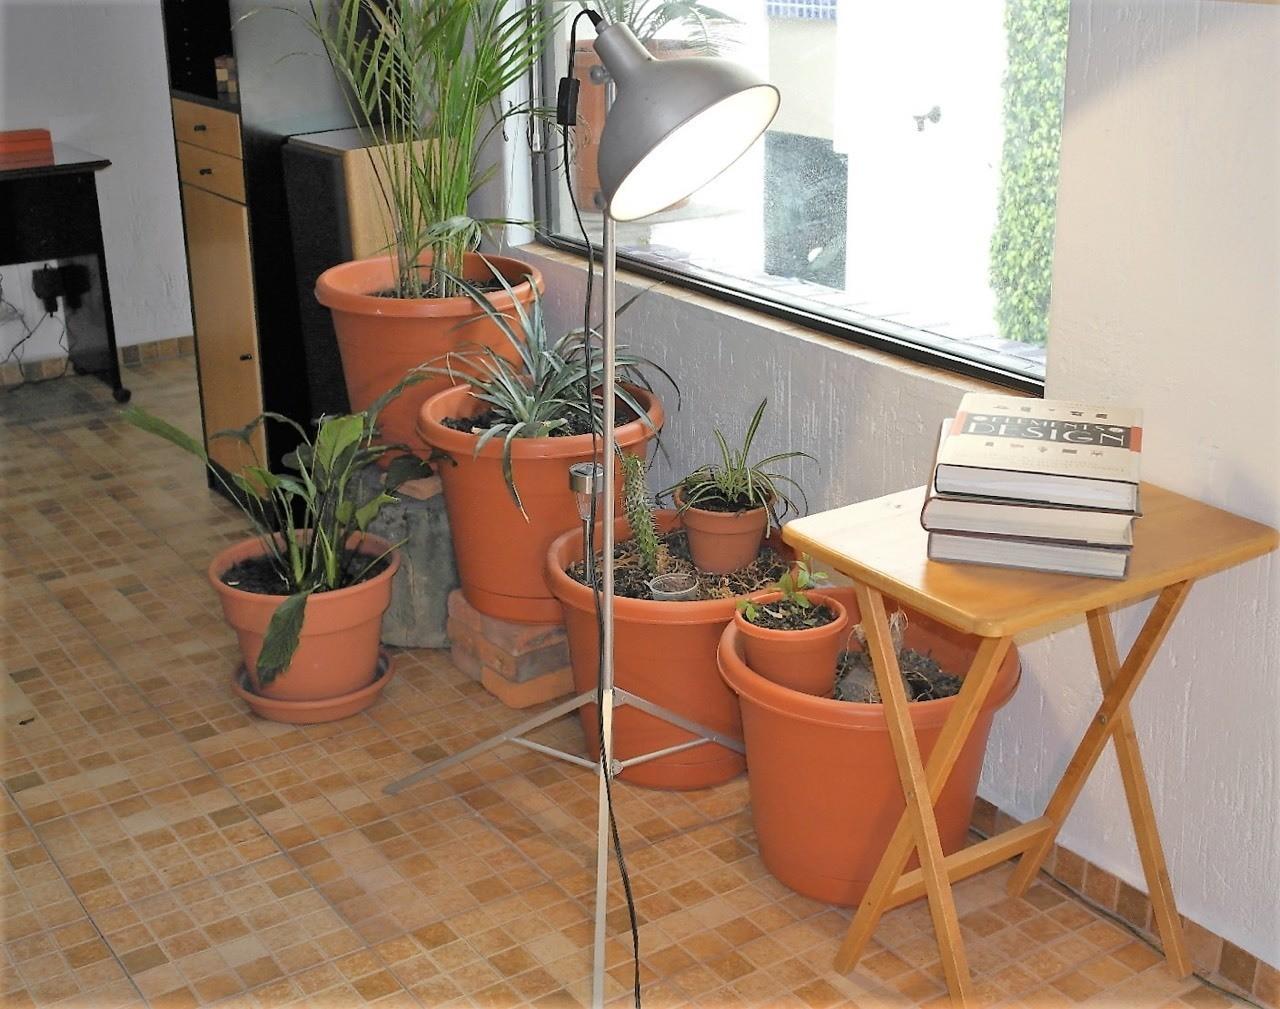 Lampara para estudio fotogràfico www.trbeca-vintage.com